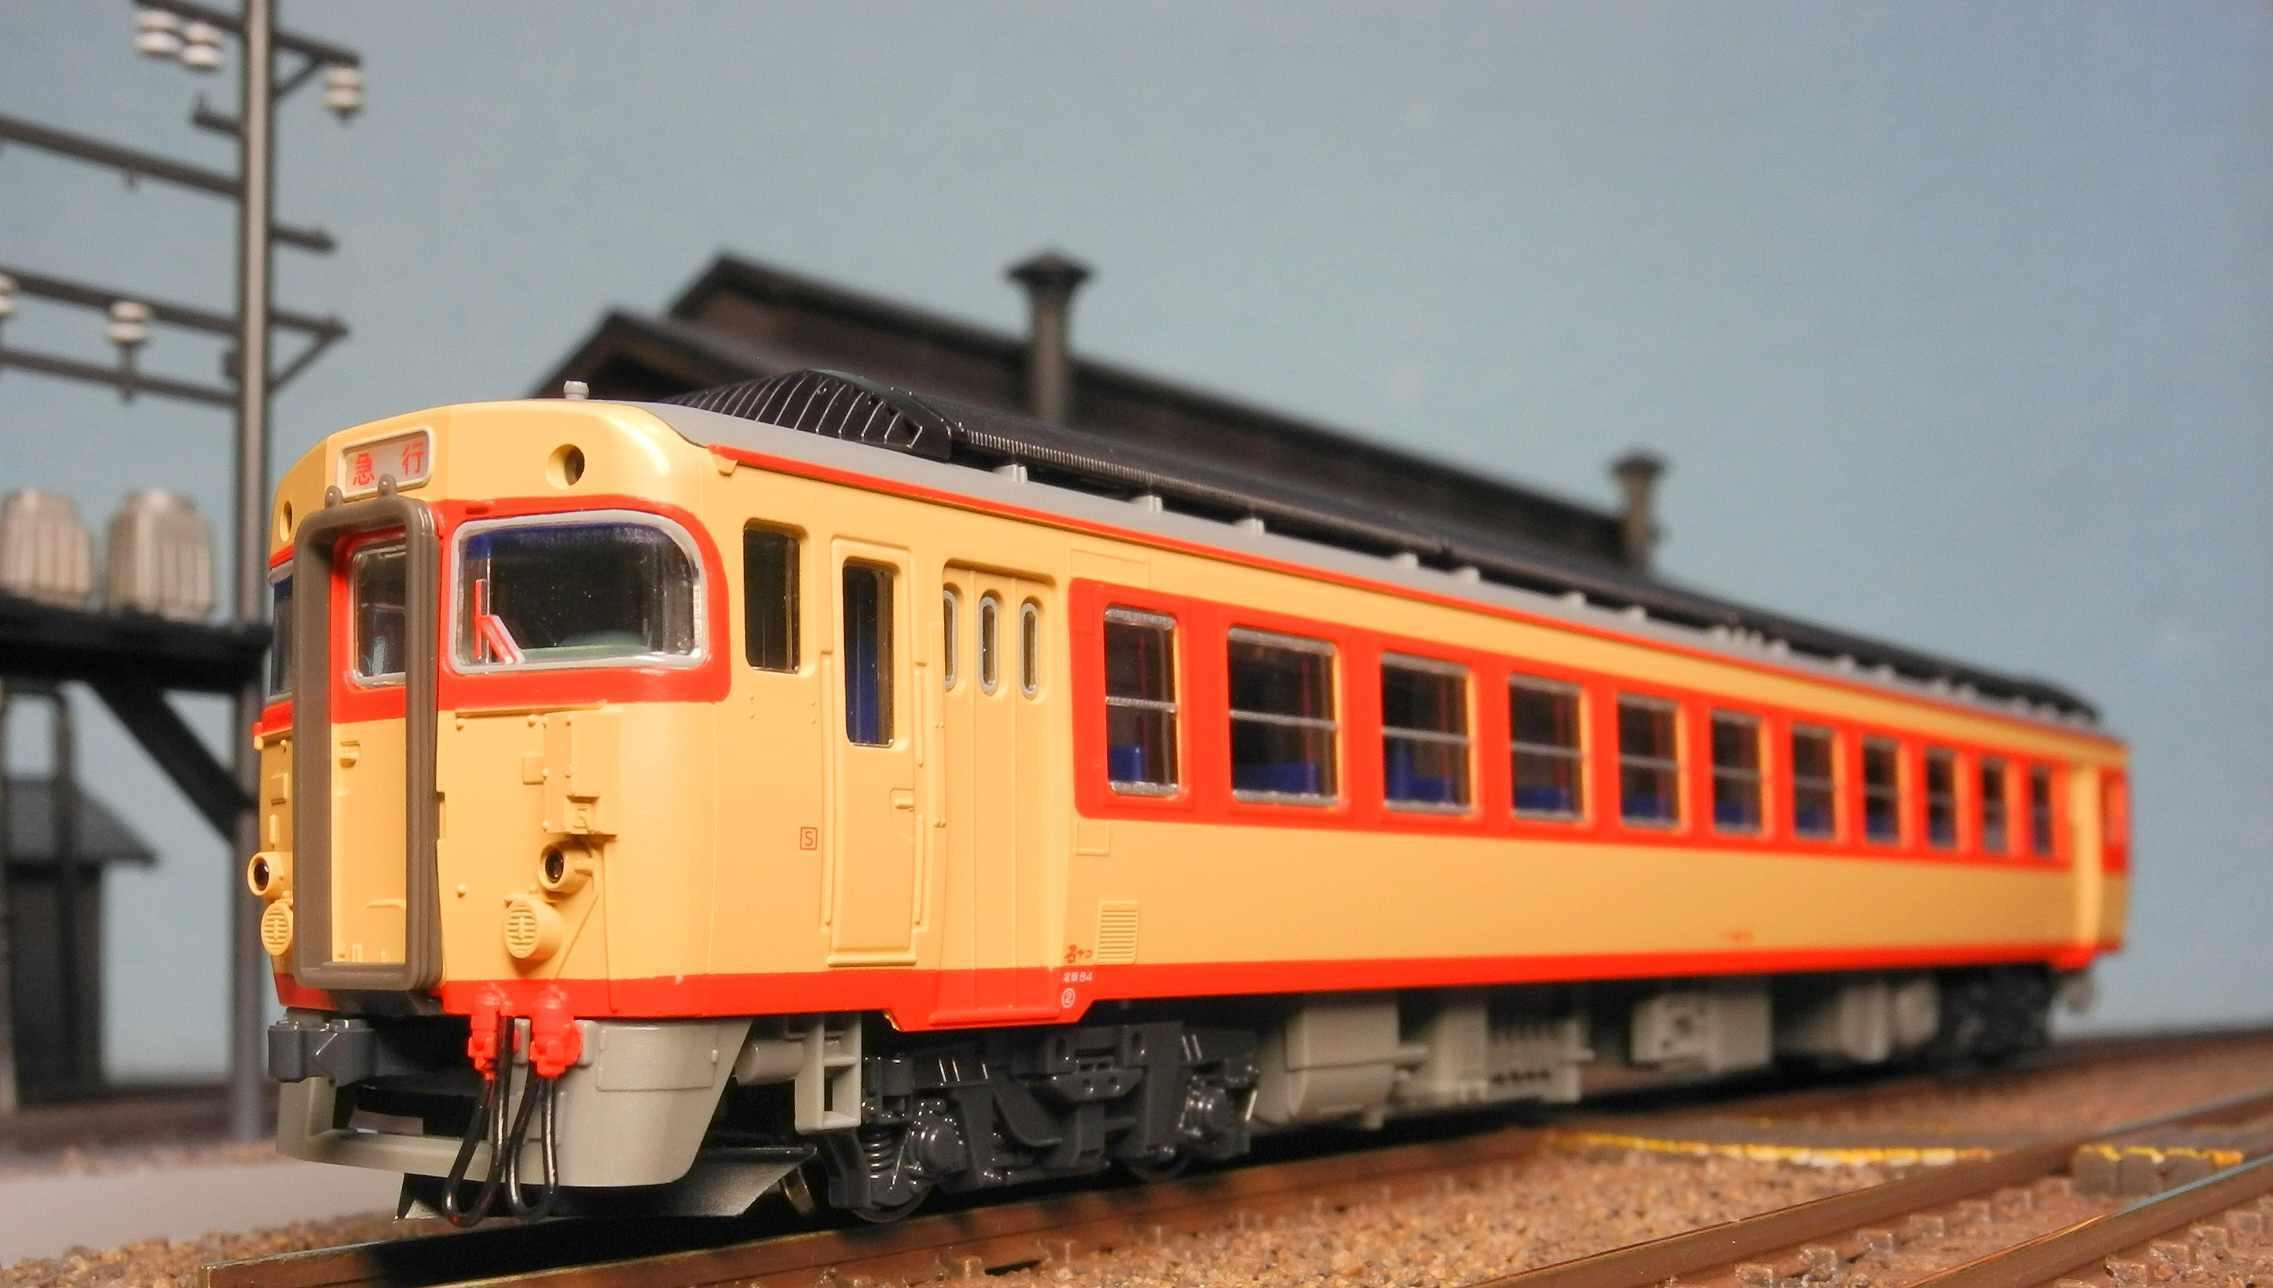 DSCN8765-1.jpg